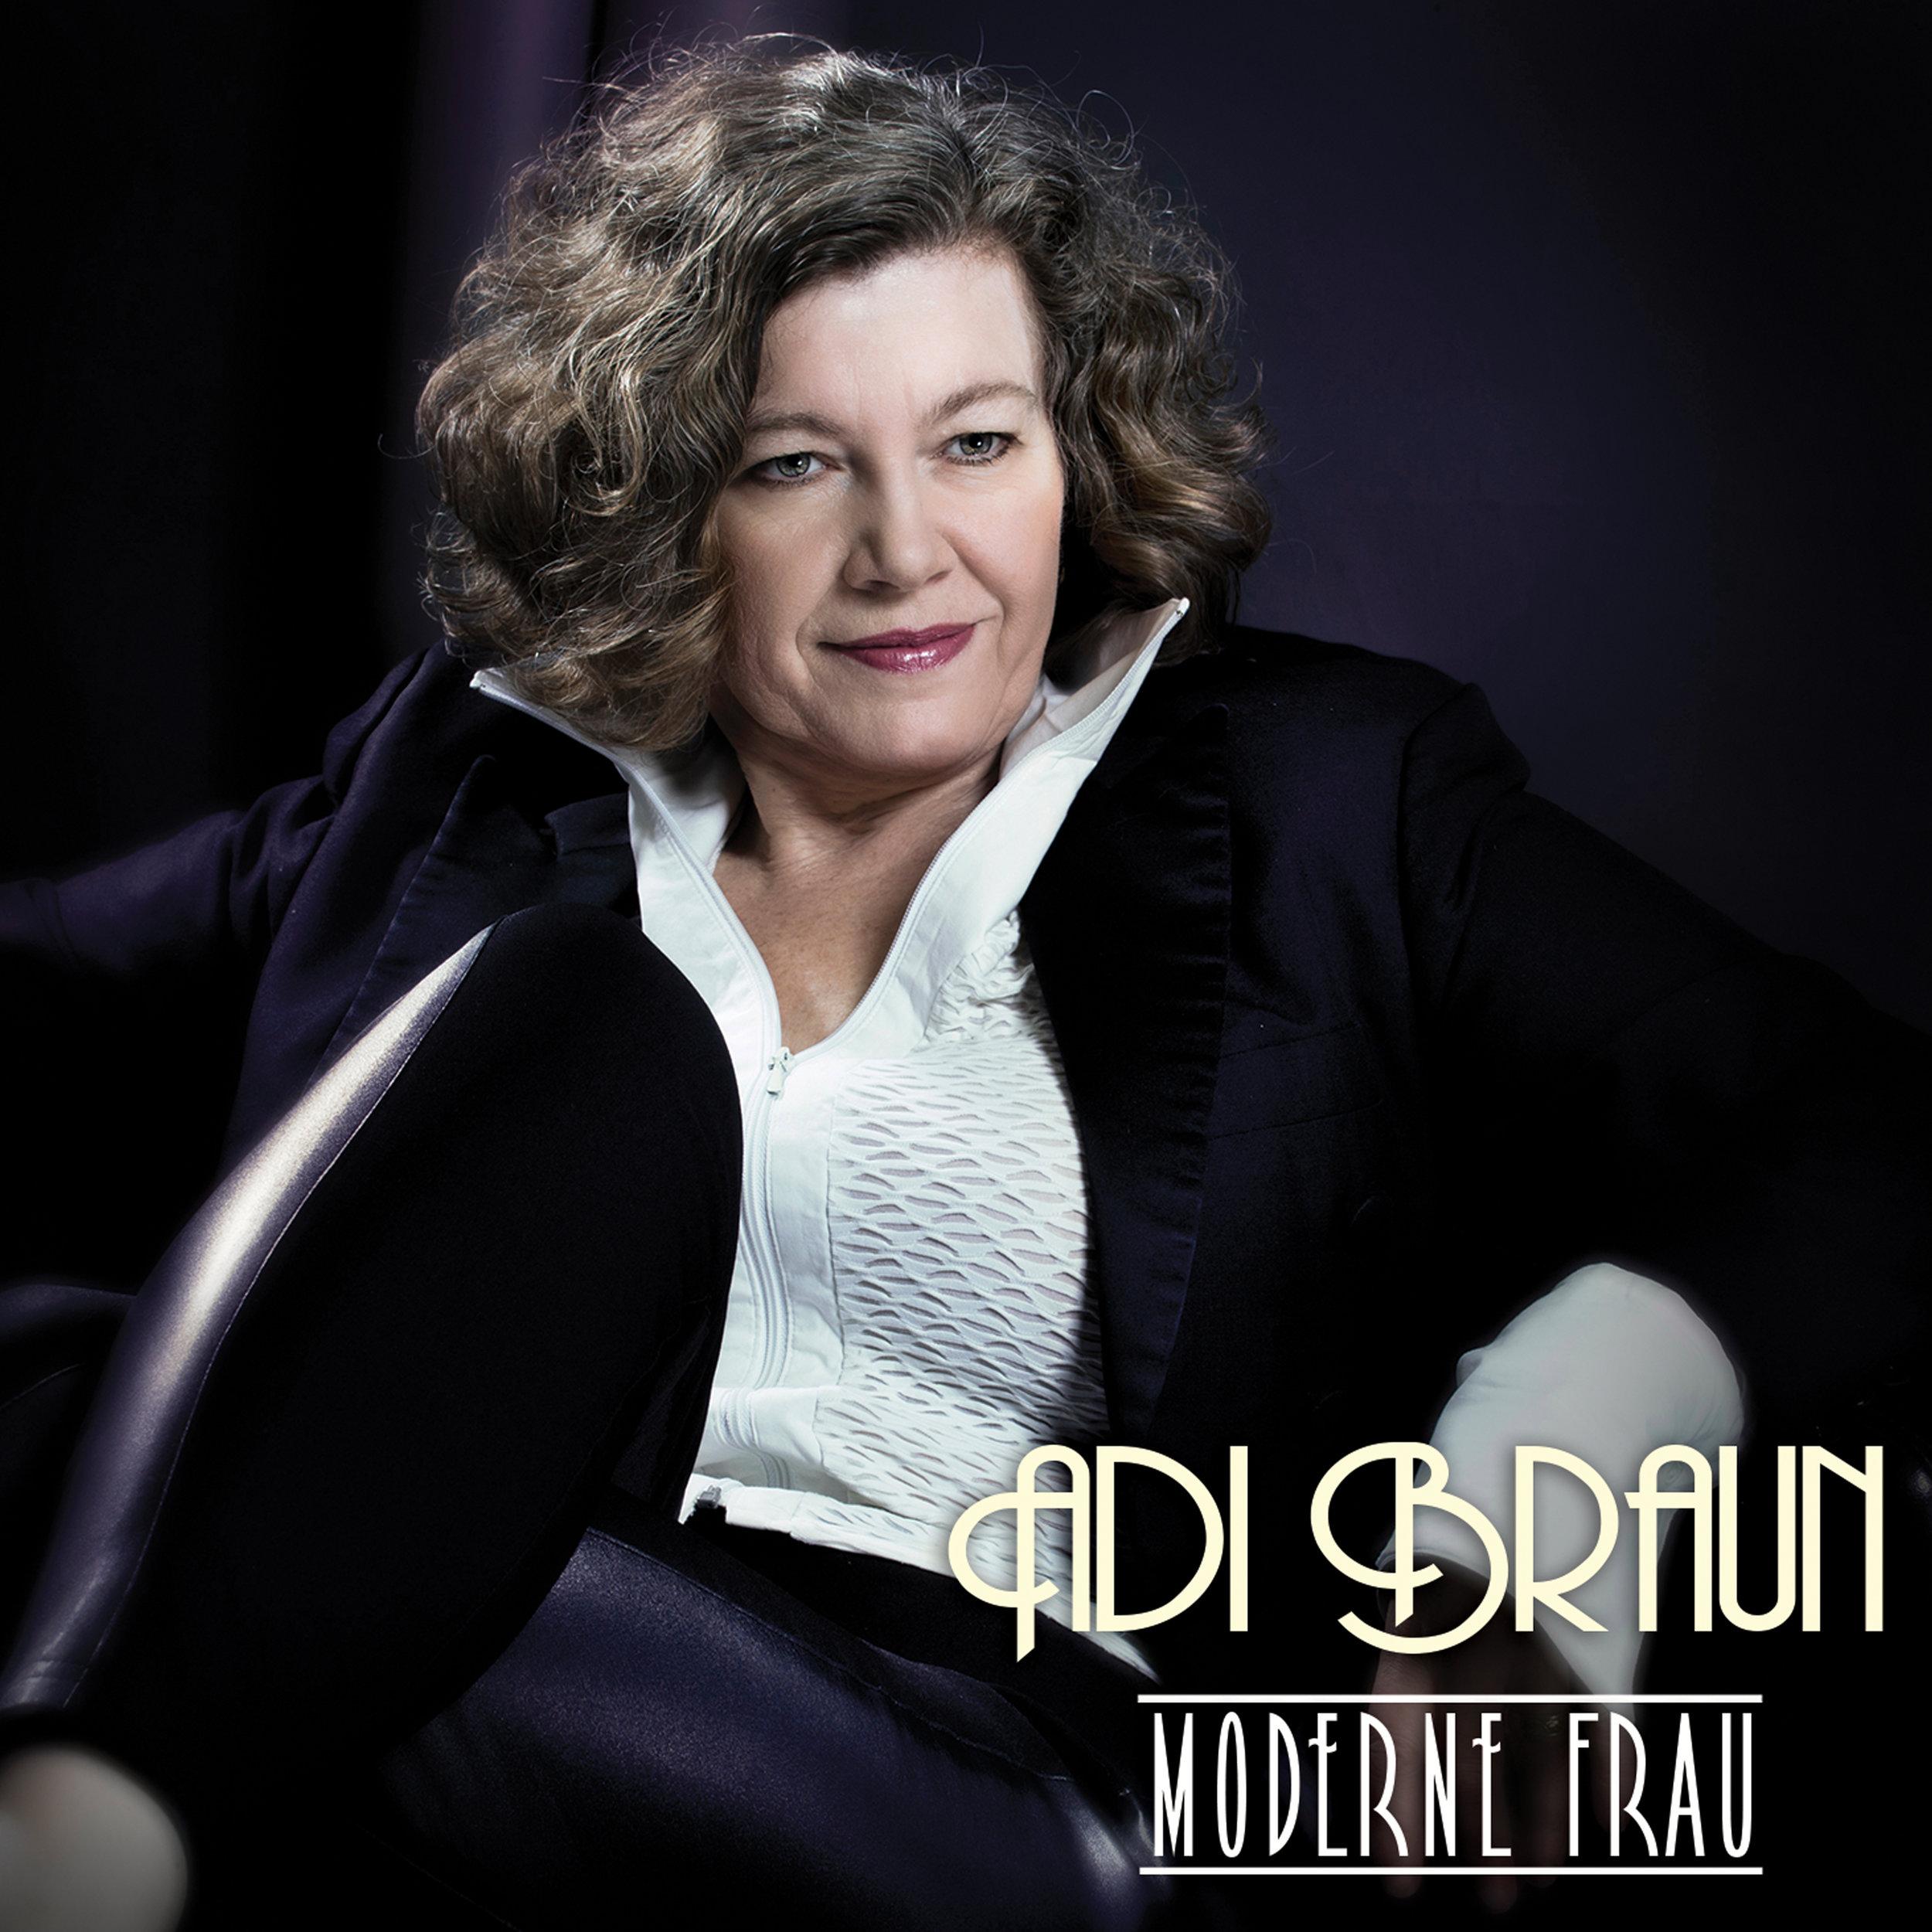 MODERNE FRAU FINAL CD COVER.jpg